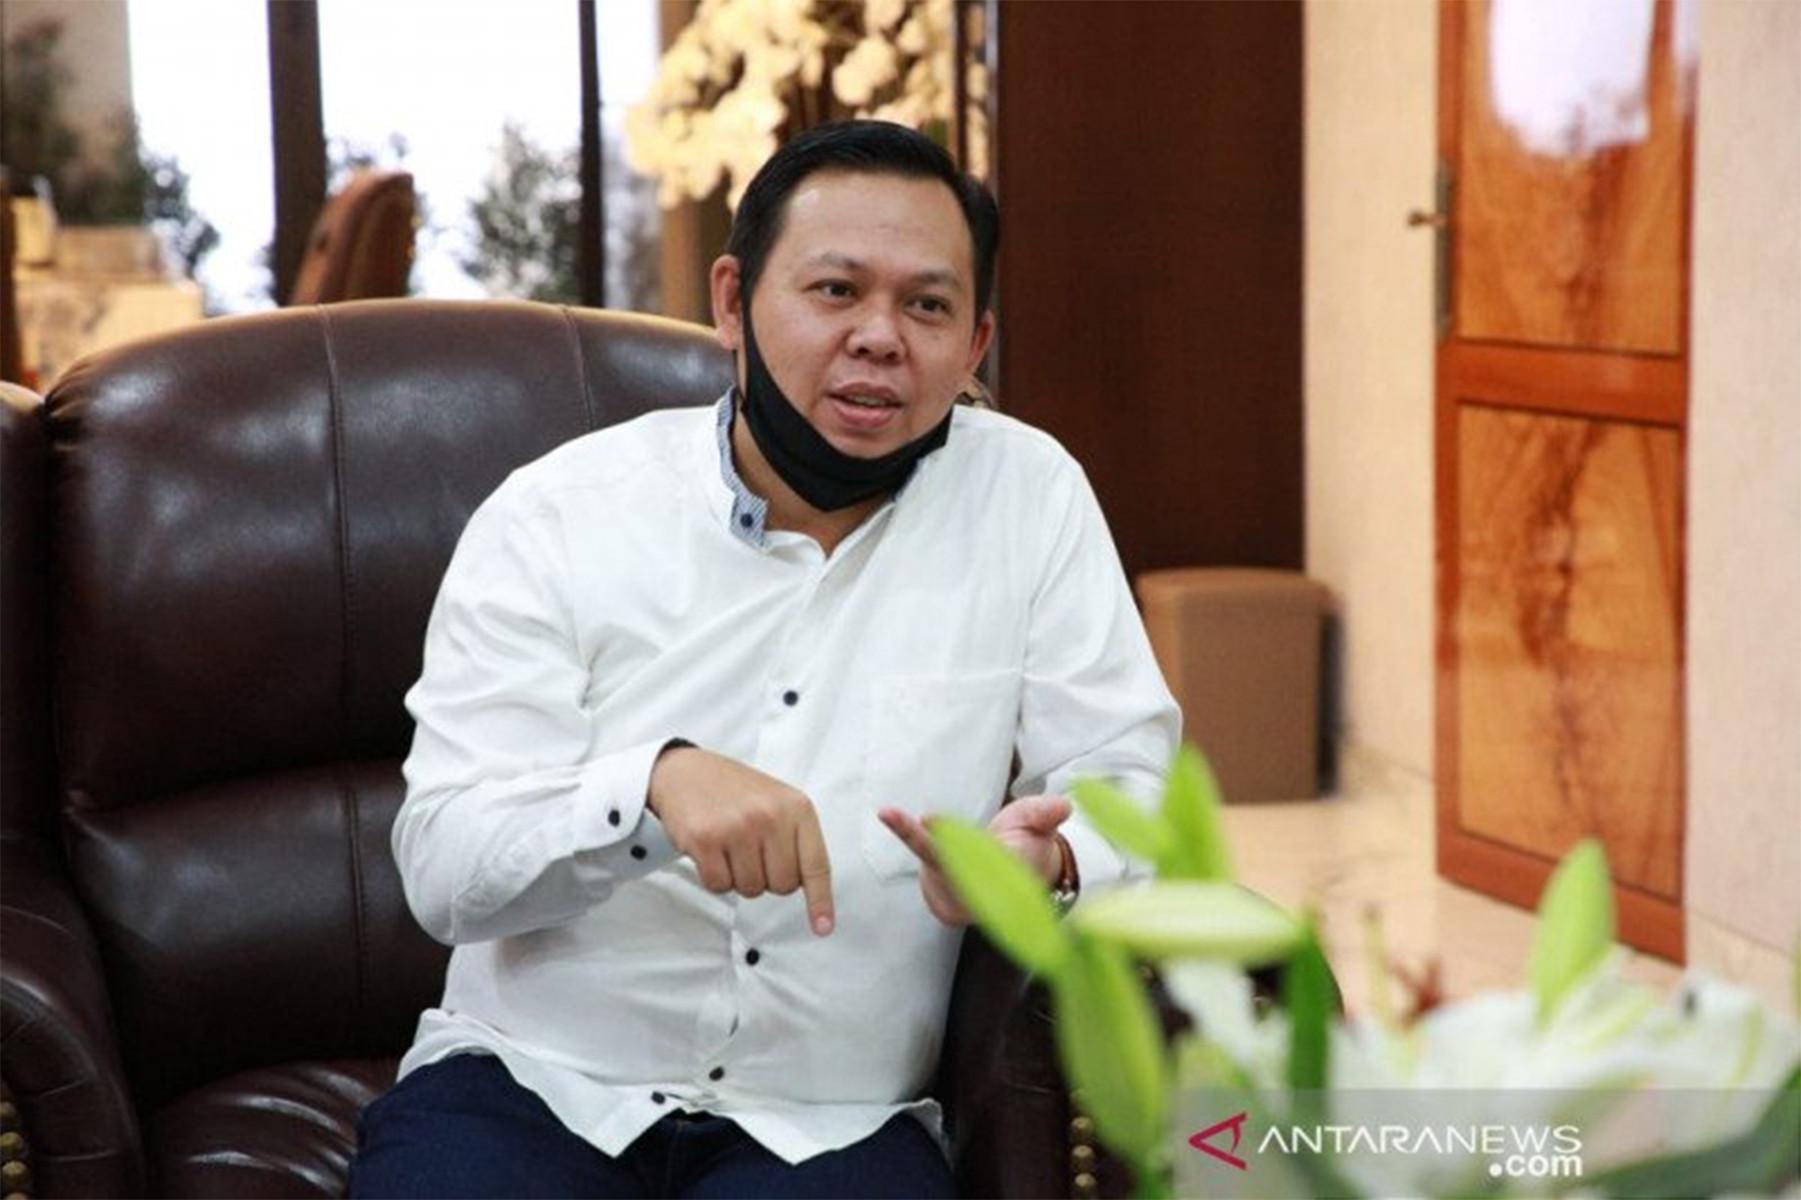 Sultan dan Kabareskrim Bicara soal Djoko Tjandra Saat Syukuran di Rumah La Nyalla - JPNN.com